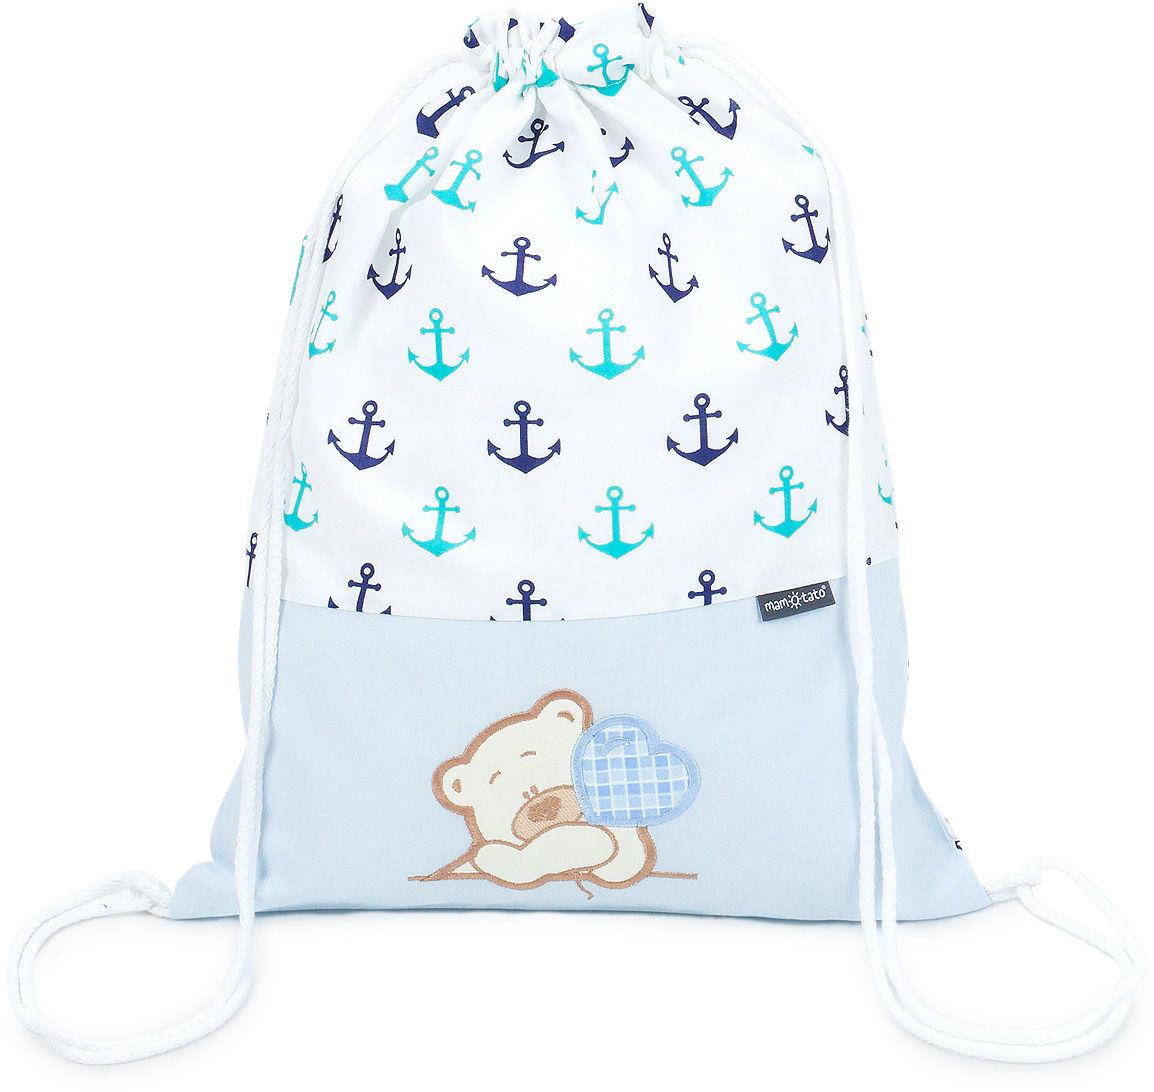 Plecak / worek bawełniany dla dzieci - Kotwiczki / miś z serduszkiem w błękicie